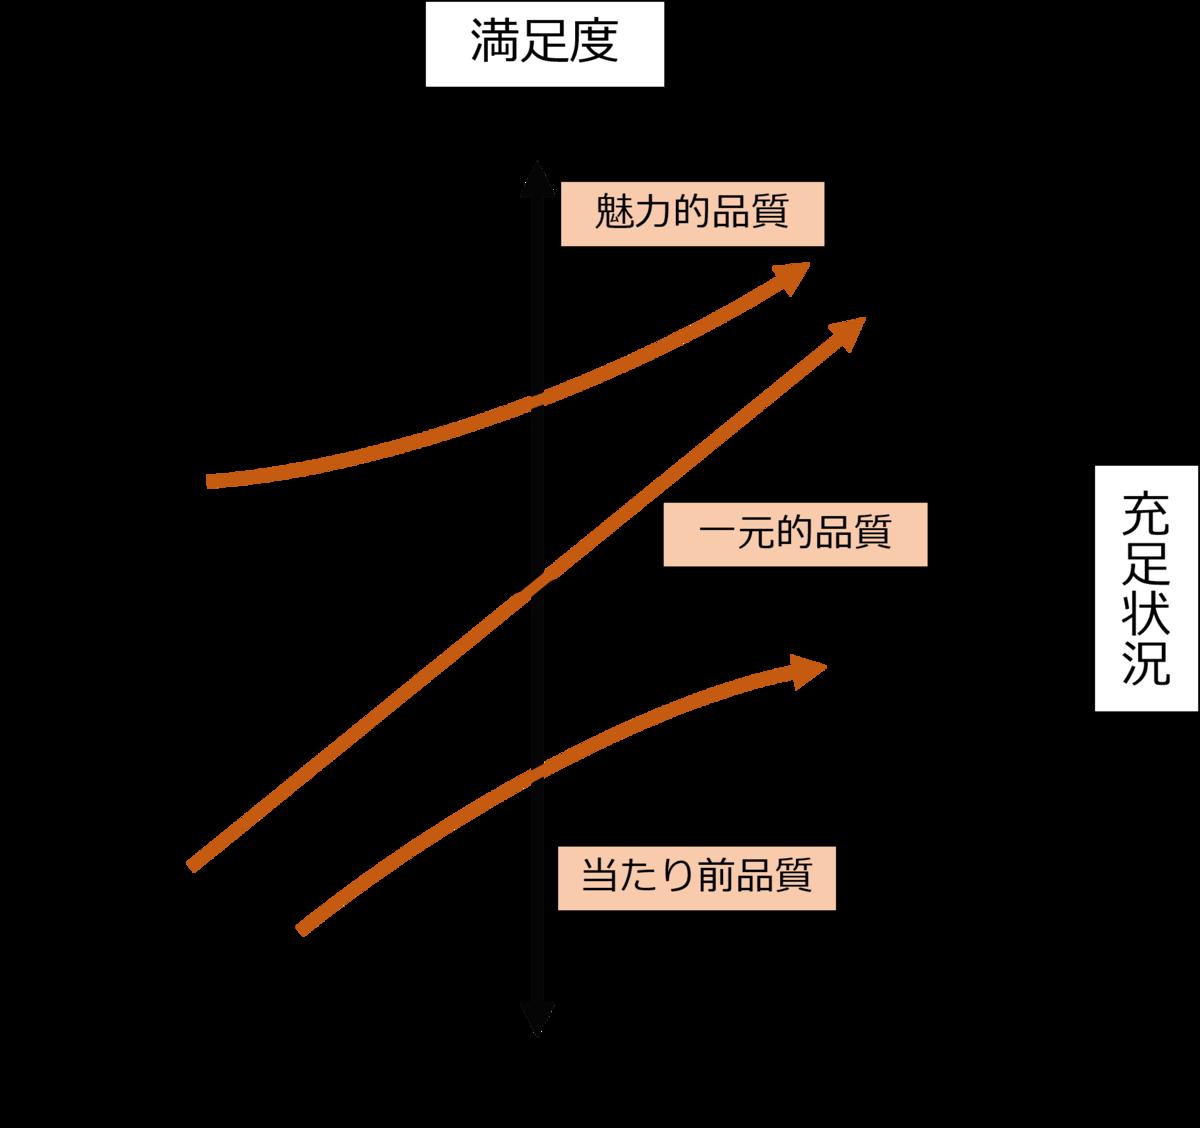 f:id:acuite:20210723102058p:plain